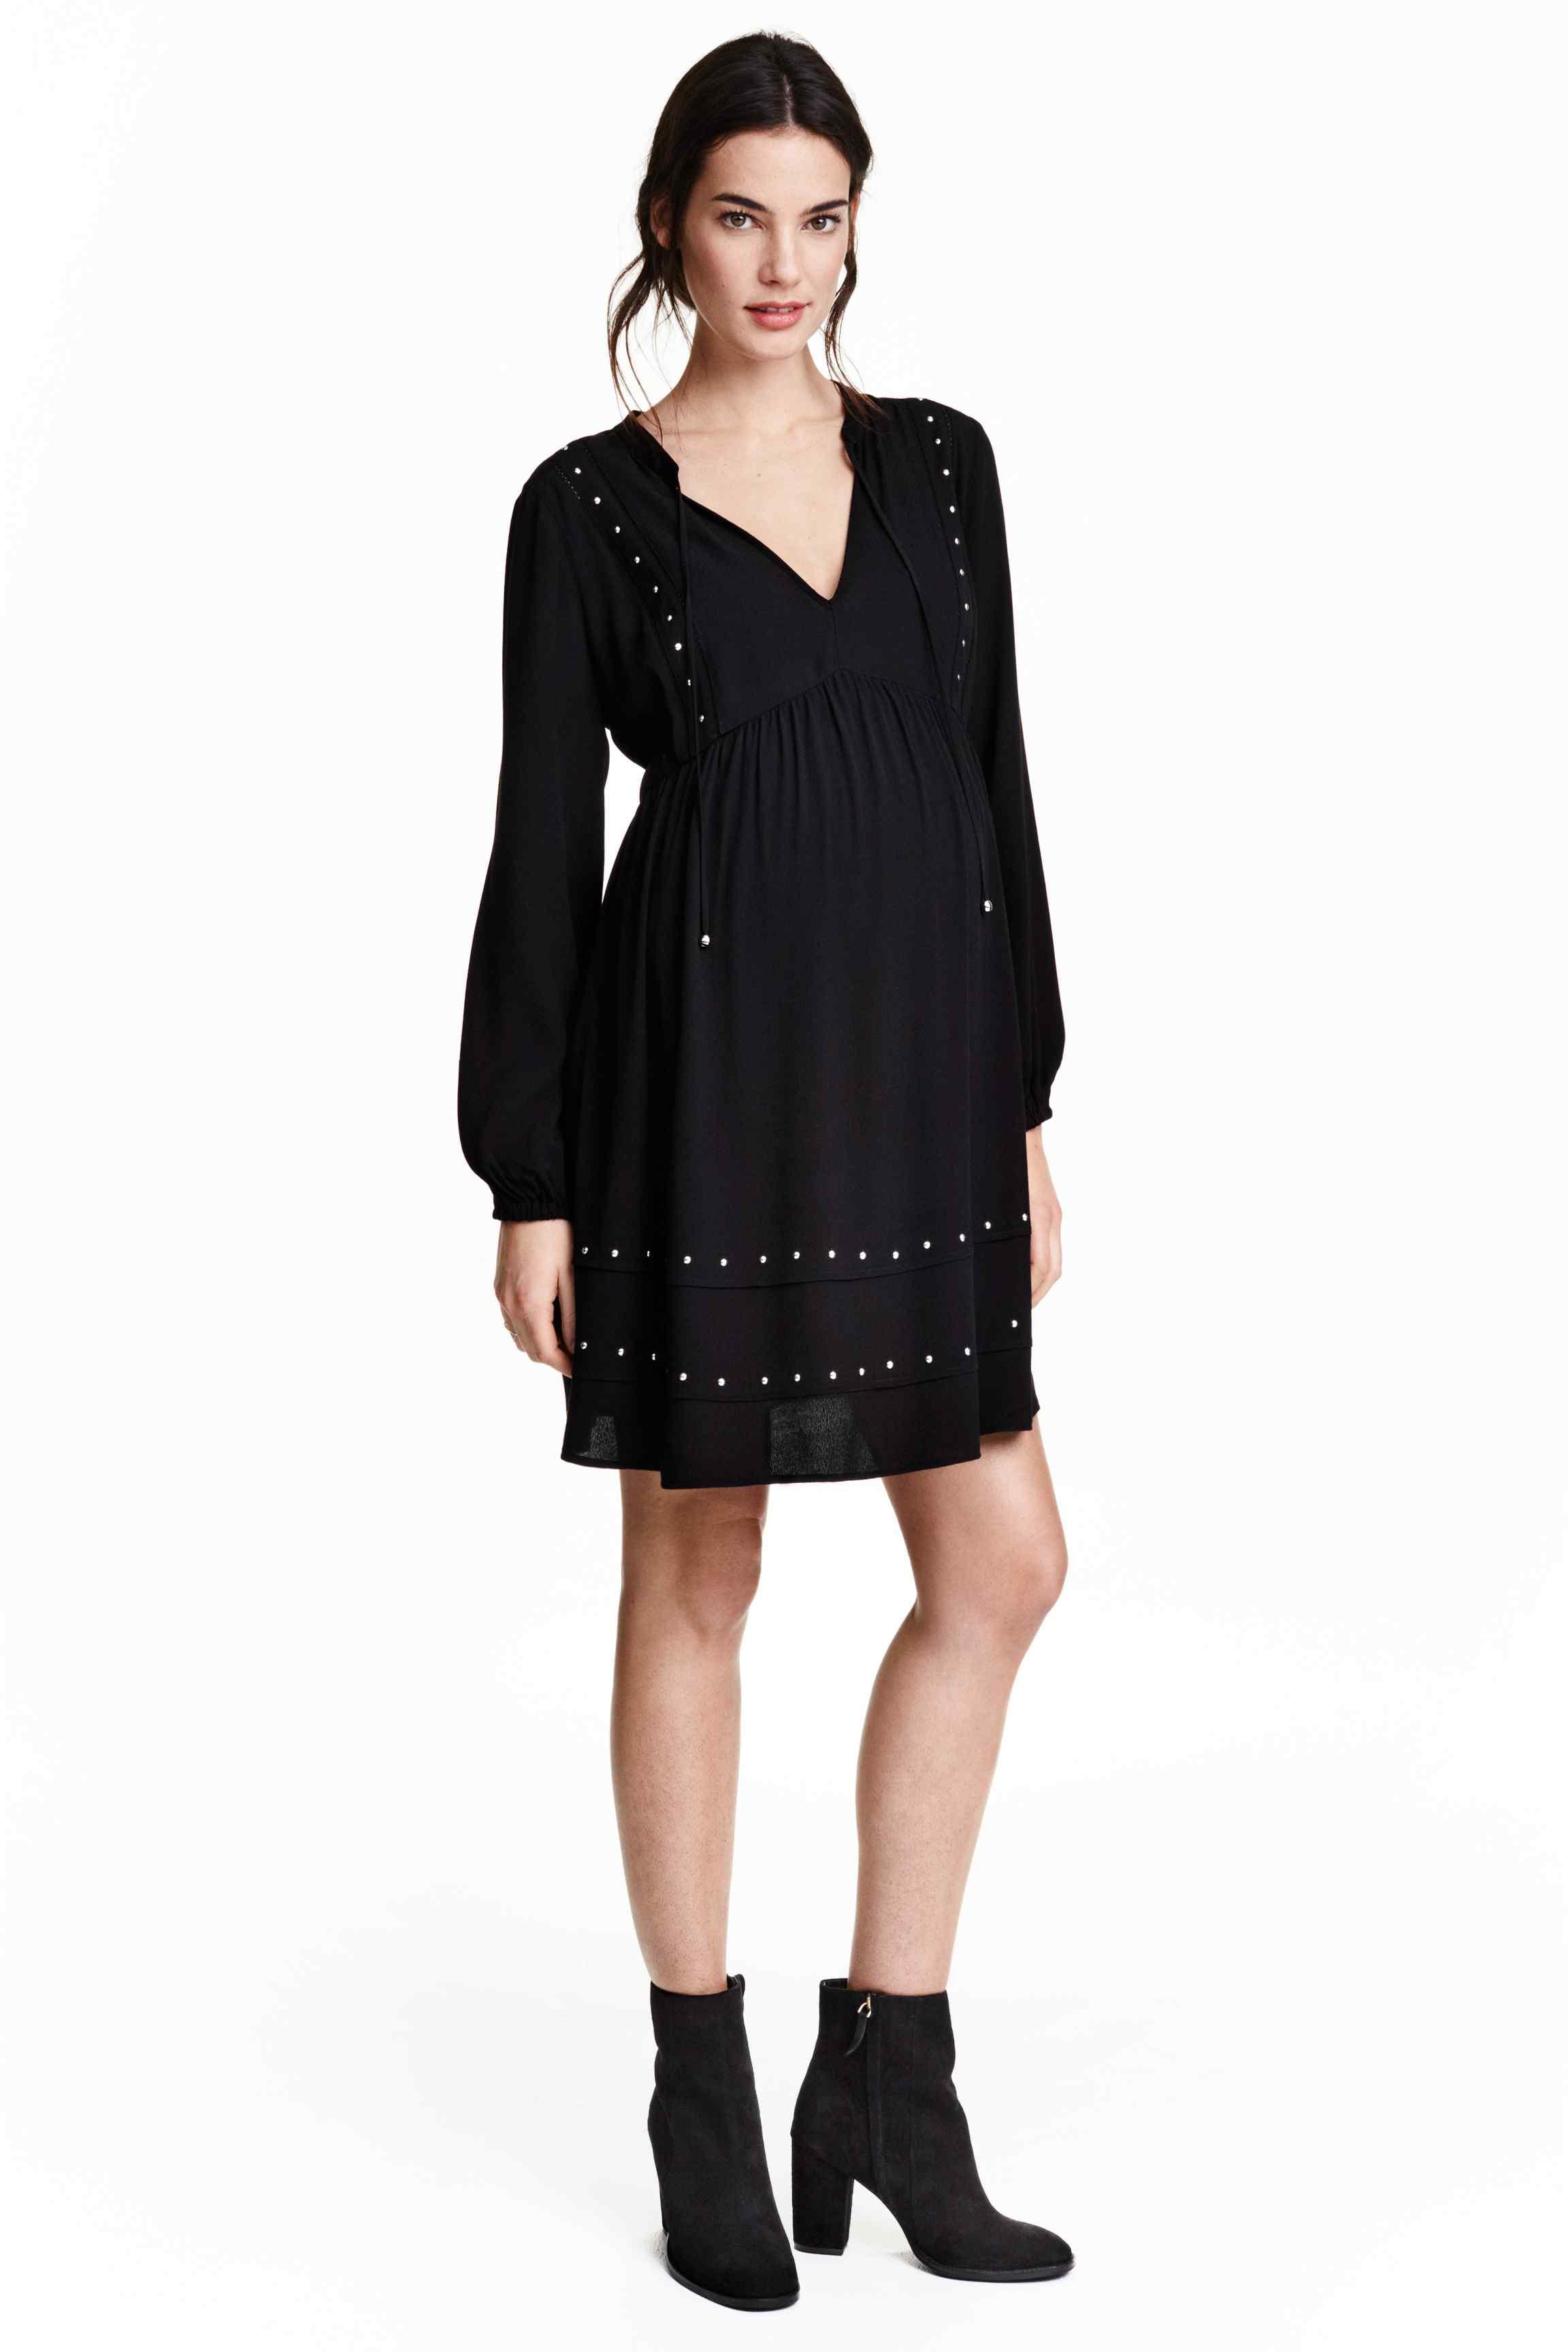 Vestidos y ropa de moda 2016